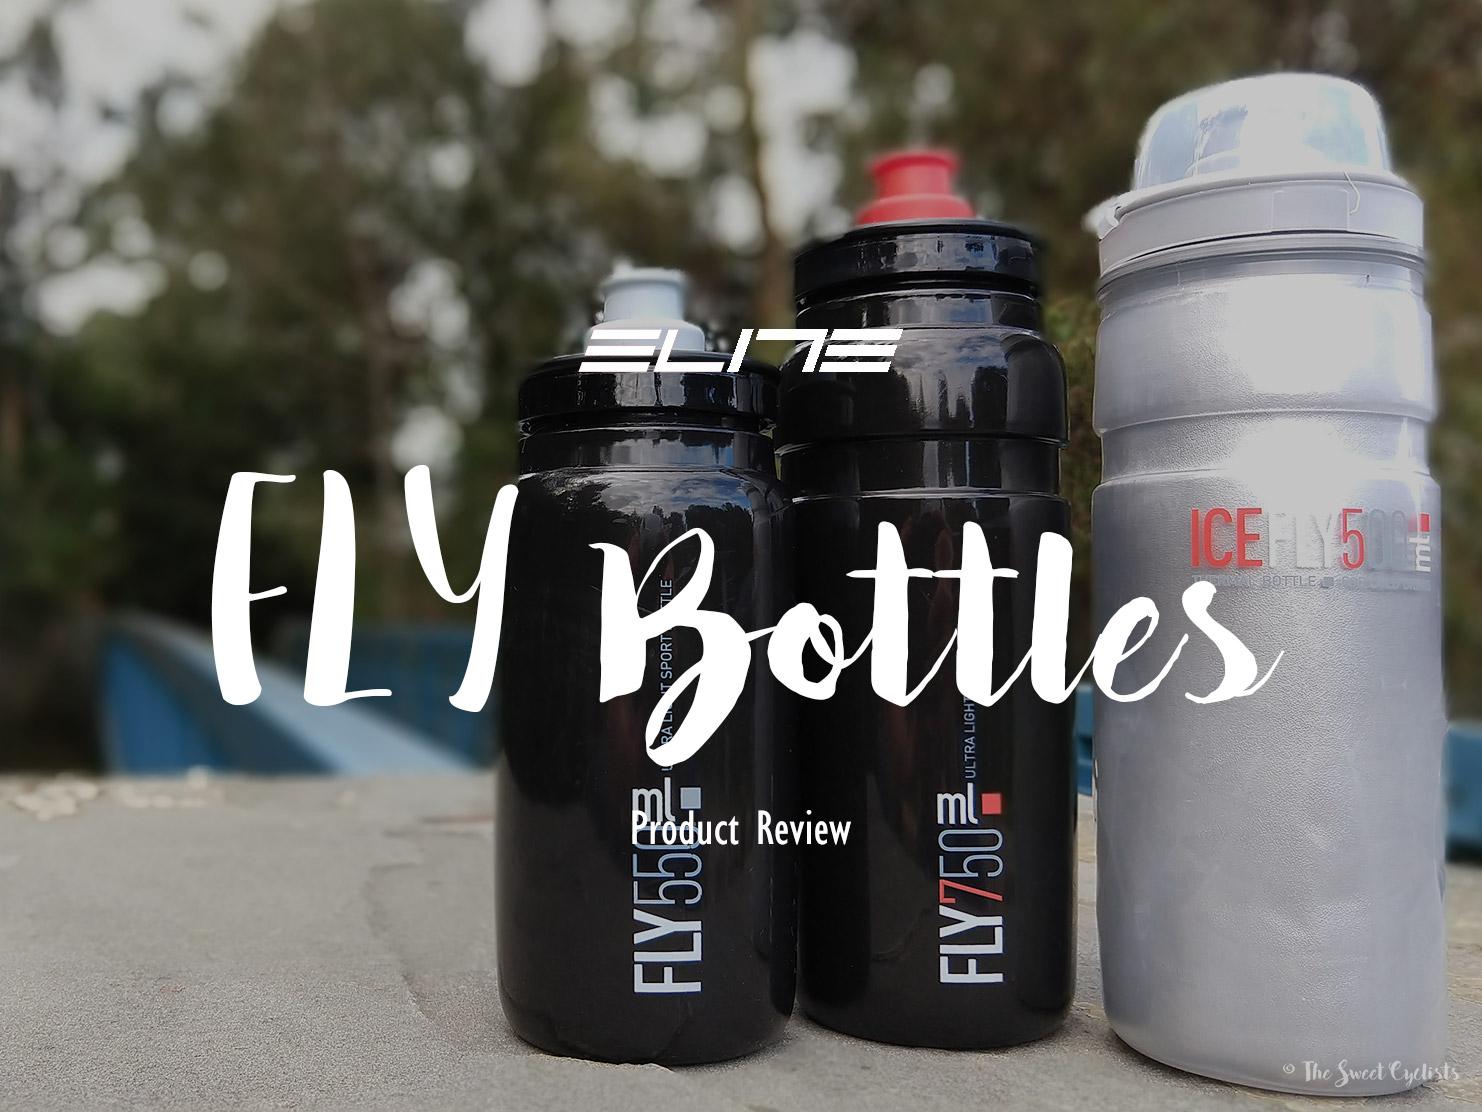 Elite water bottles, the lightest bottles on the market